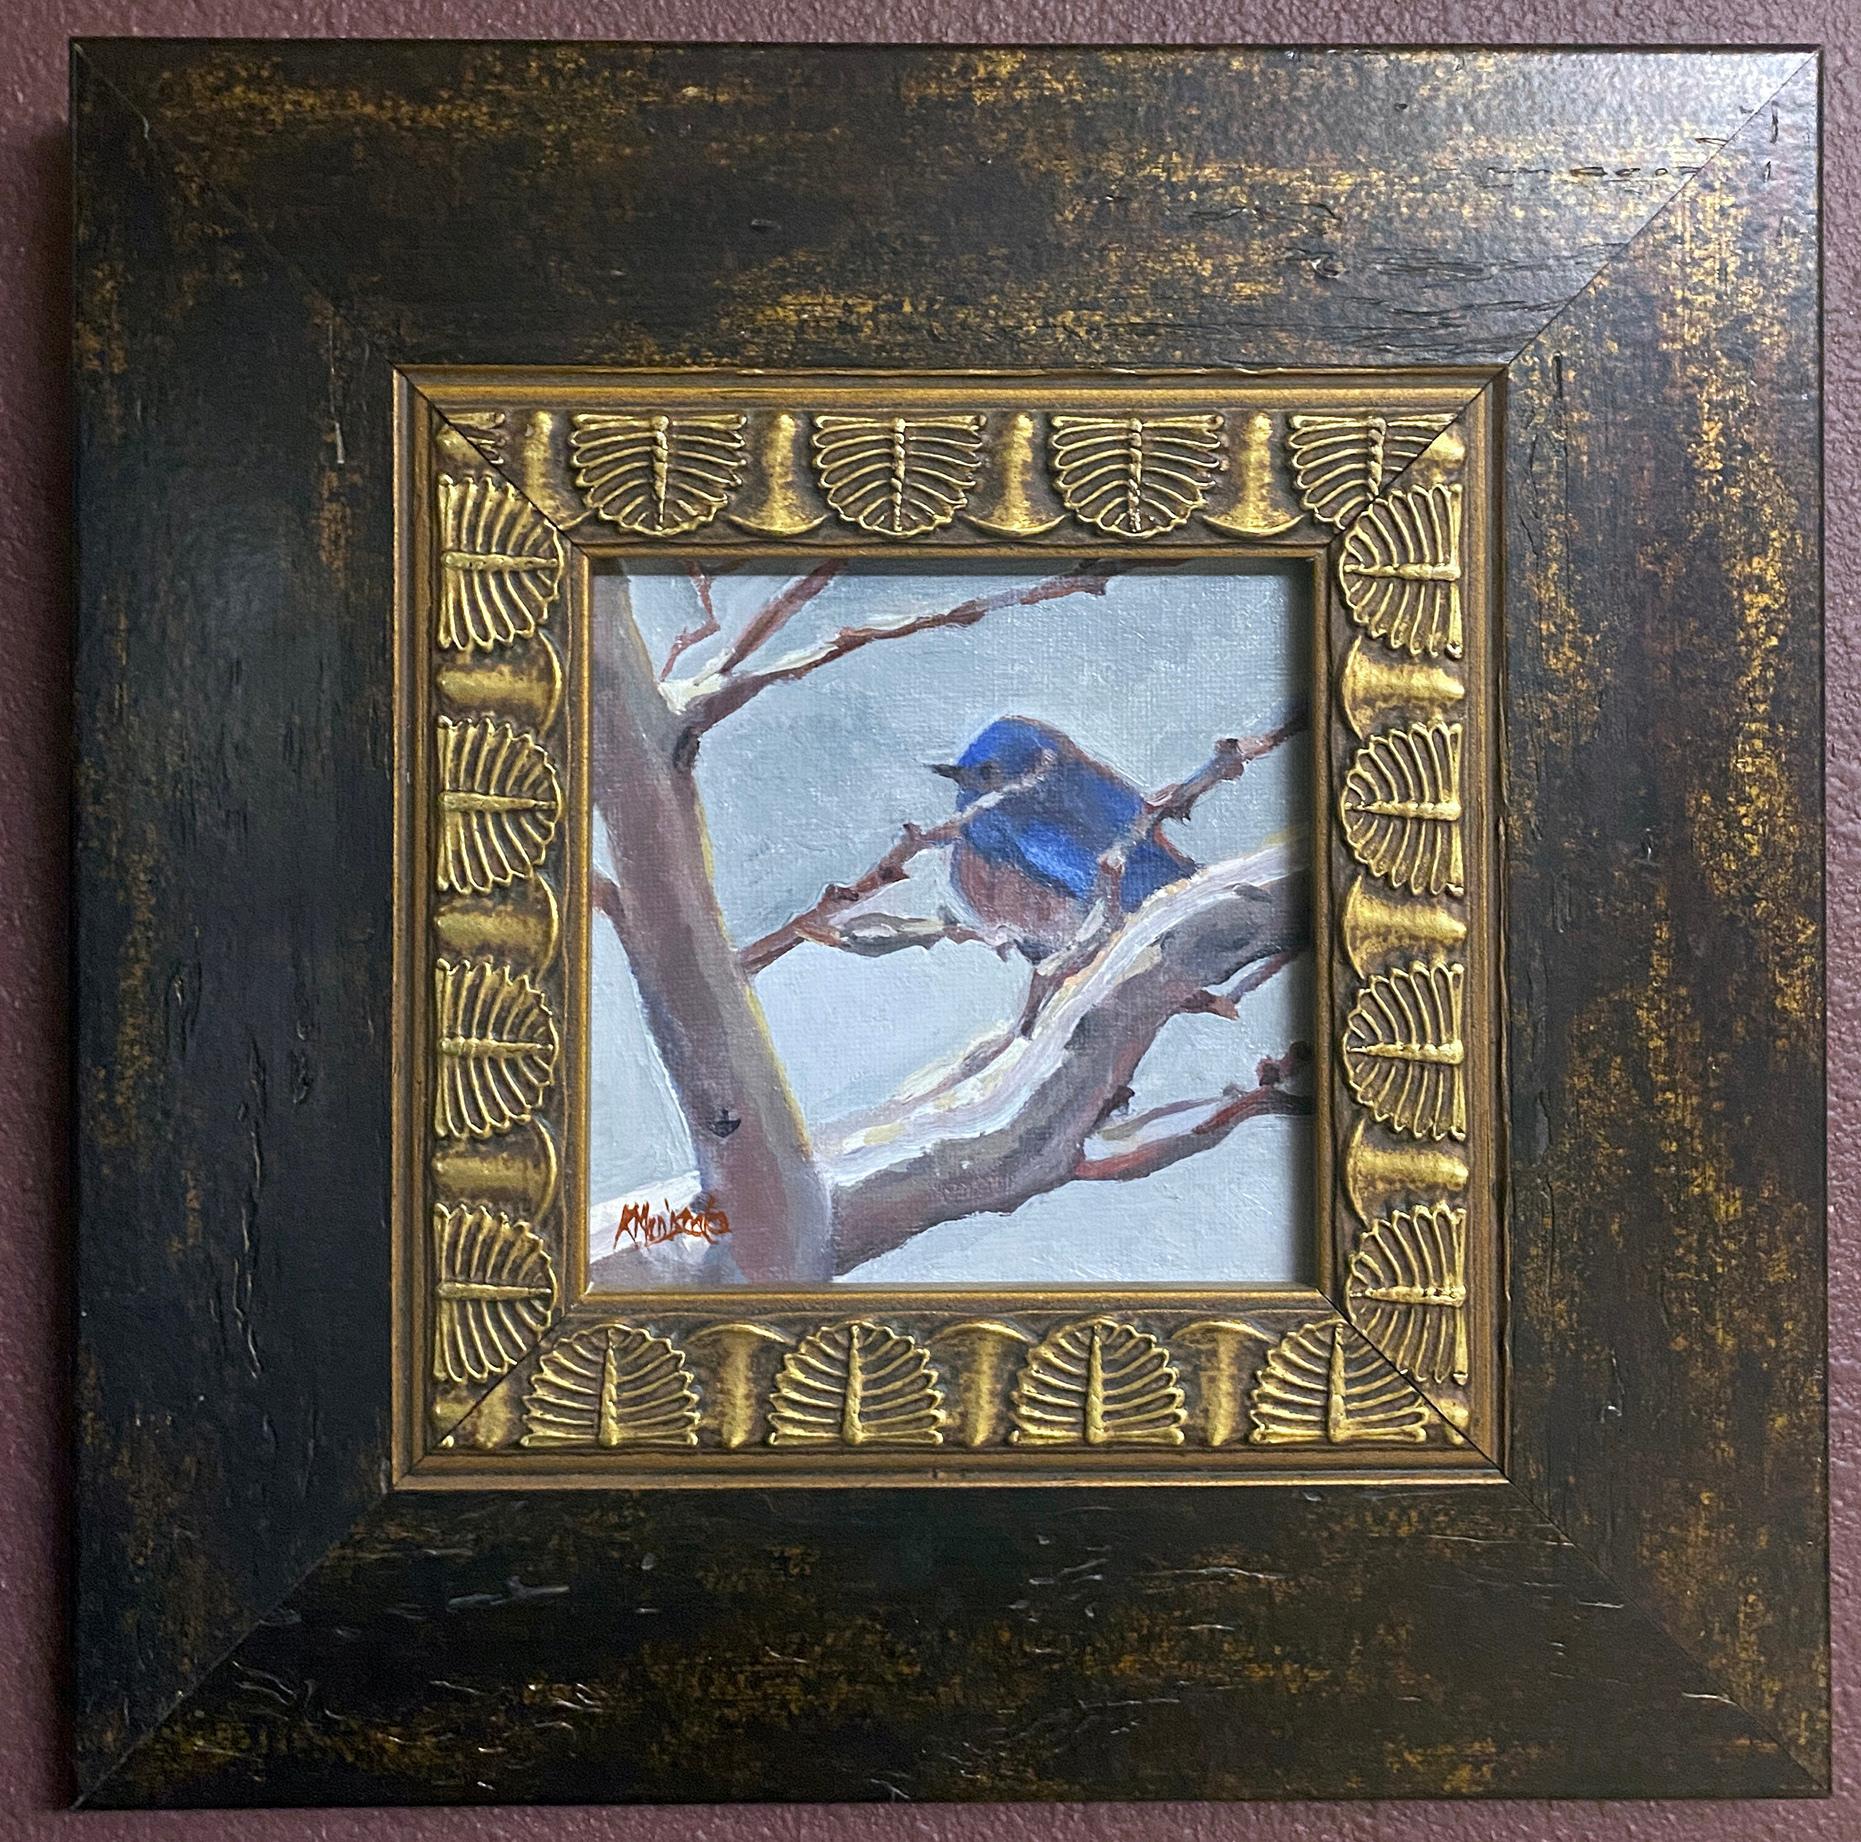 Bluebird vkv83j